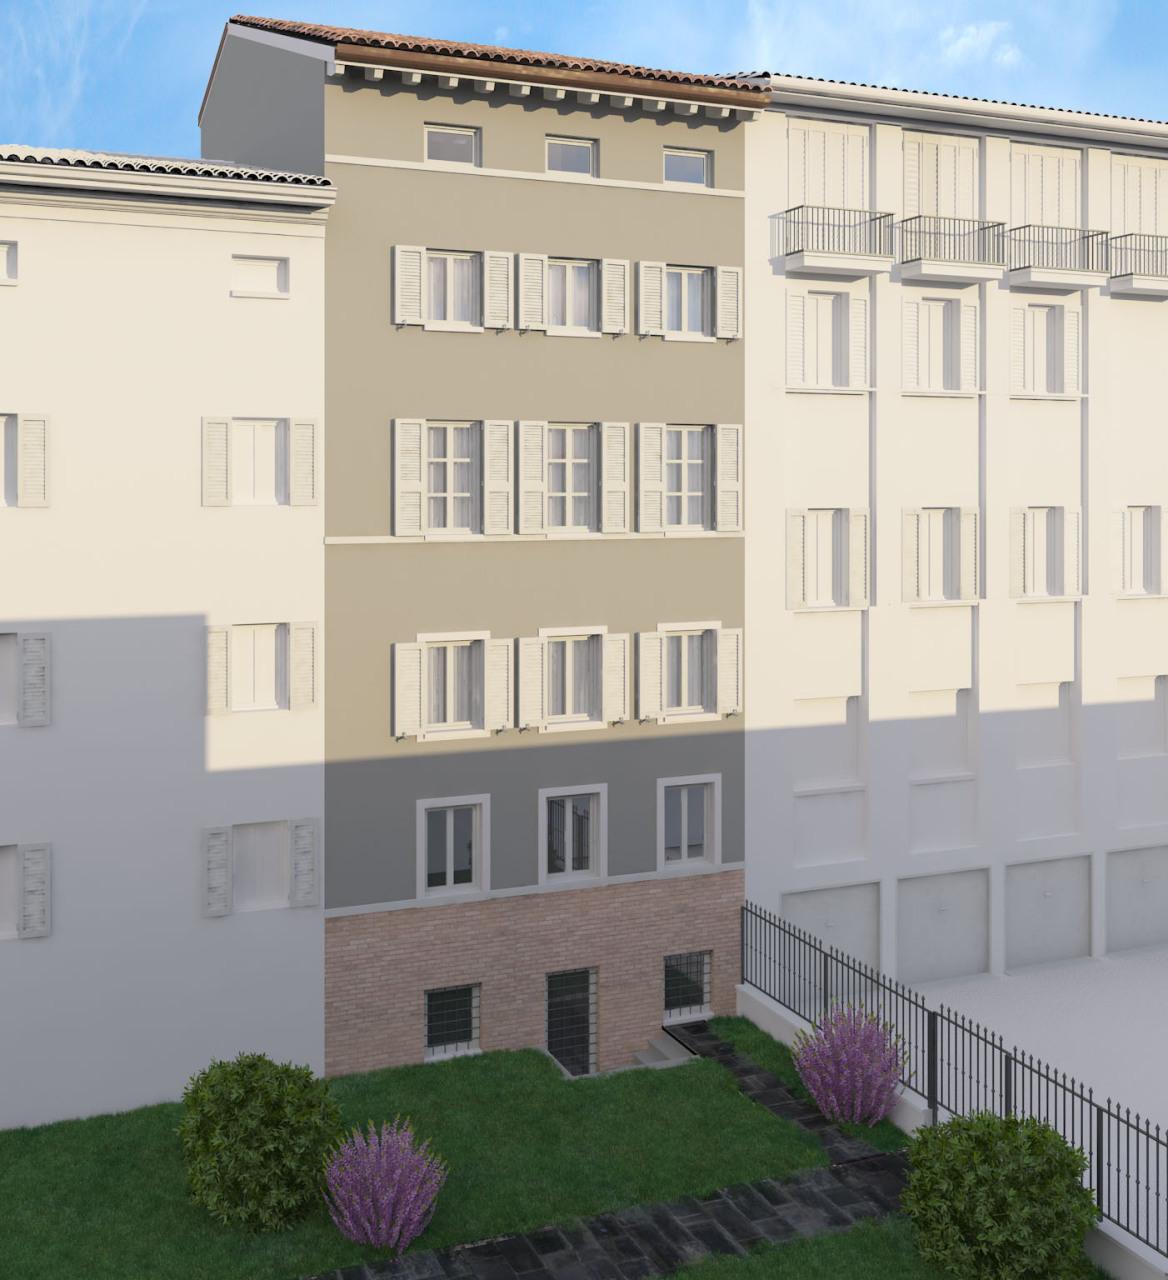 Bilocale Parma Borgo Del Naviglio 31 5